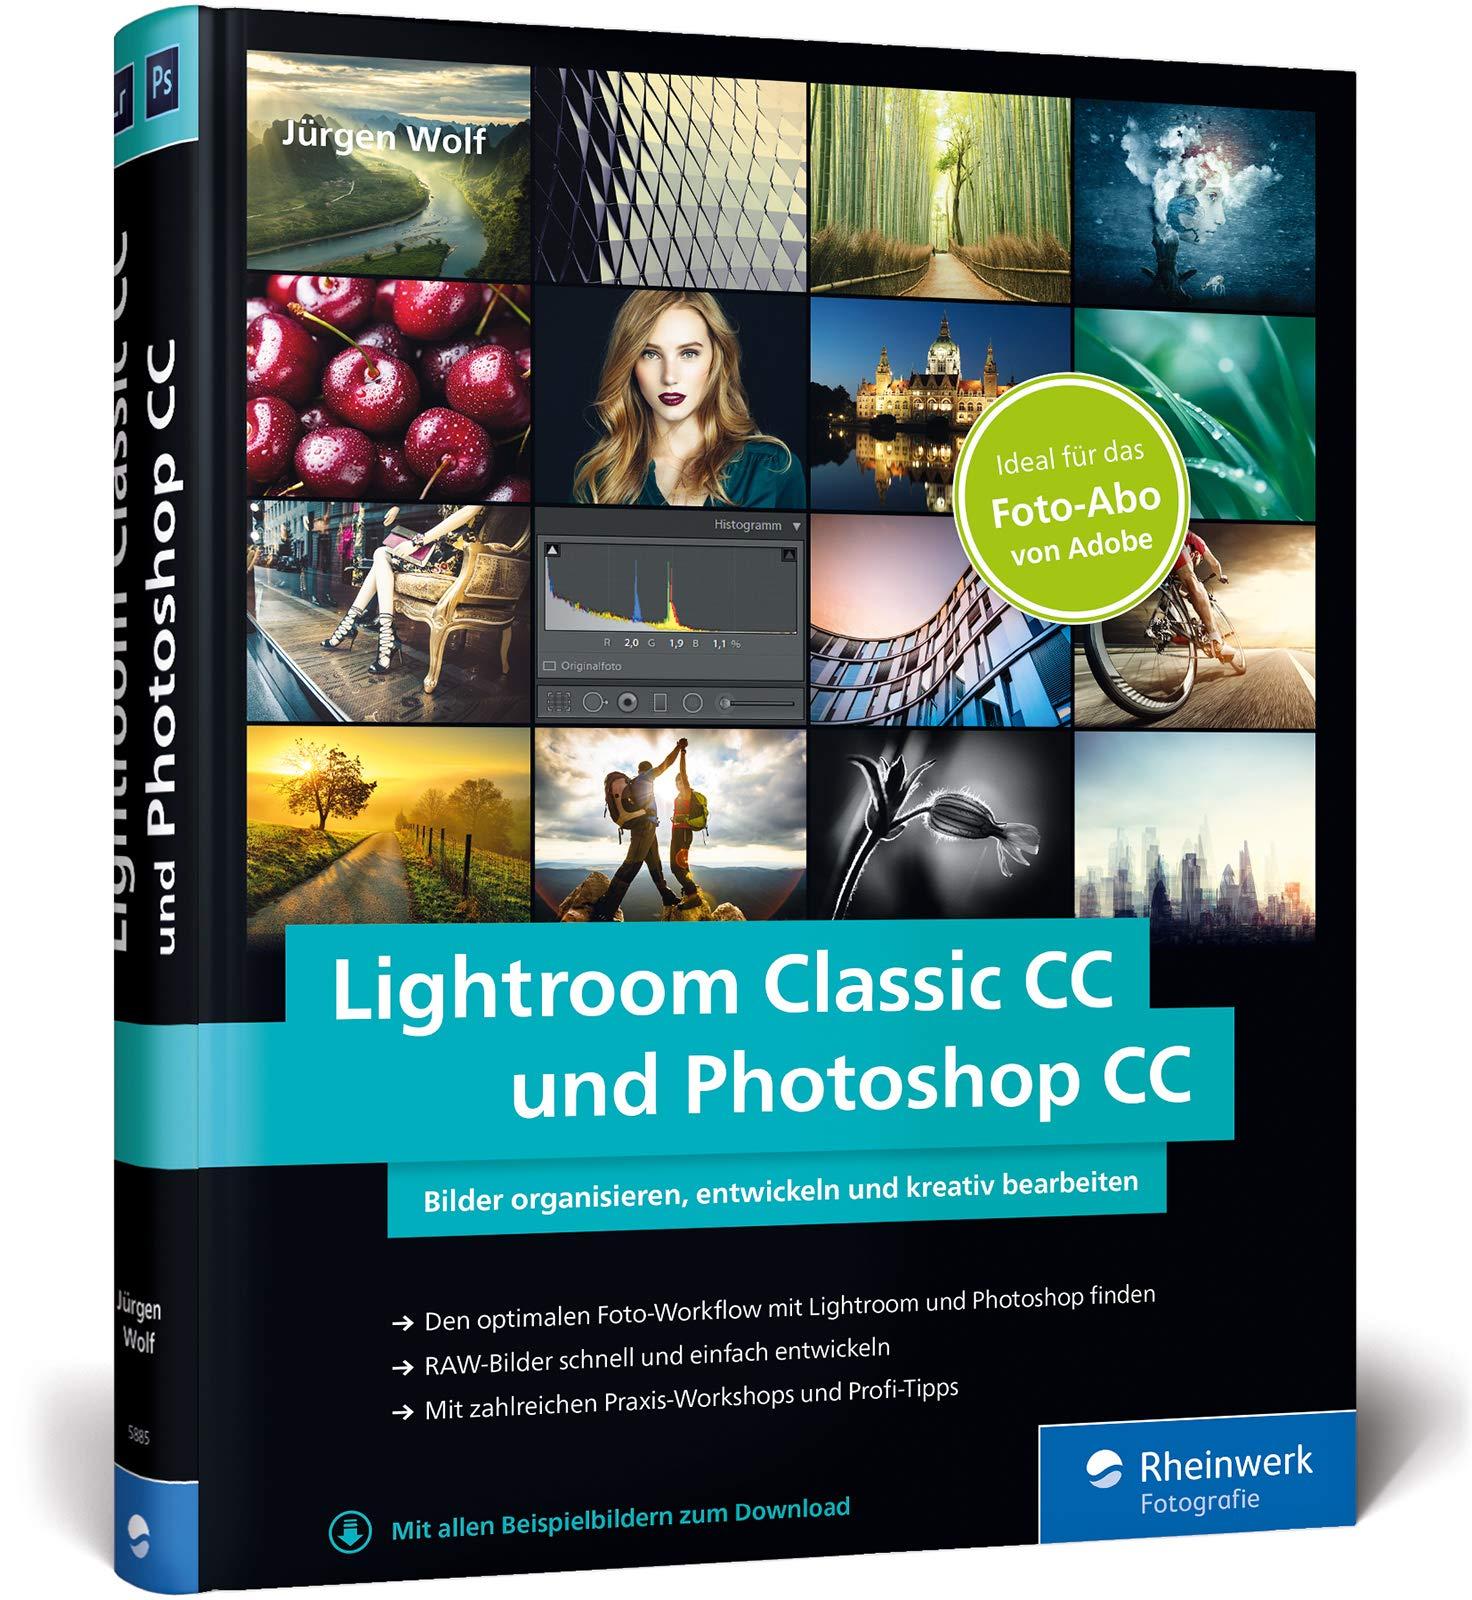 Lightroom Classic CC und Photoshop CC: Bild-Organisation und Fotobearbeitung – ideal zum Adobe Foto-Abo